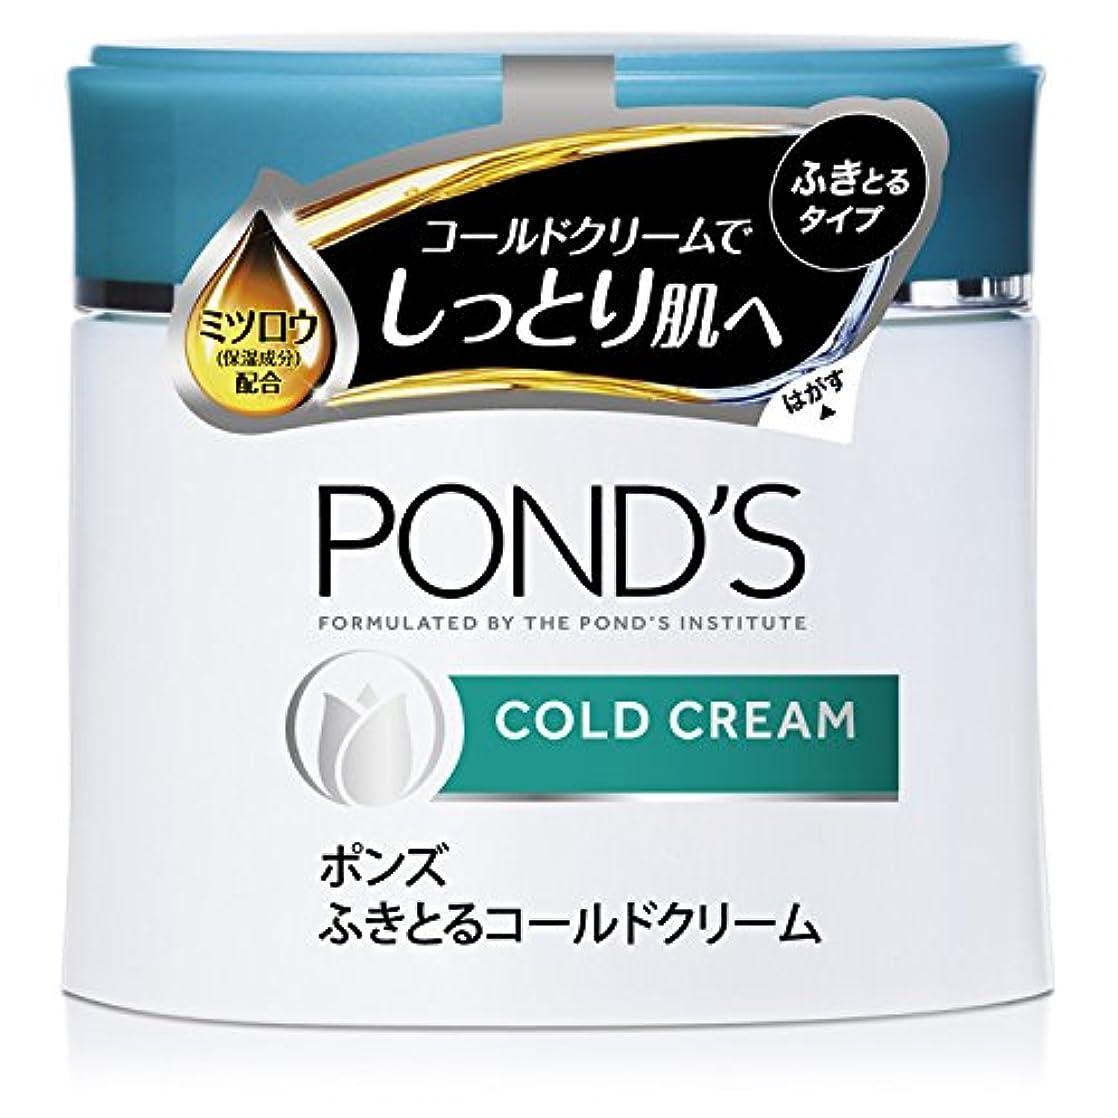 人類ビタミンドームポンズ コールドクリーム 270g